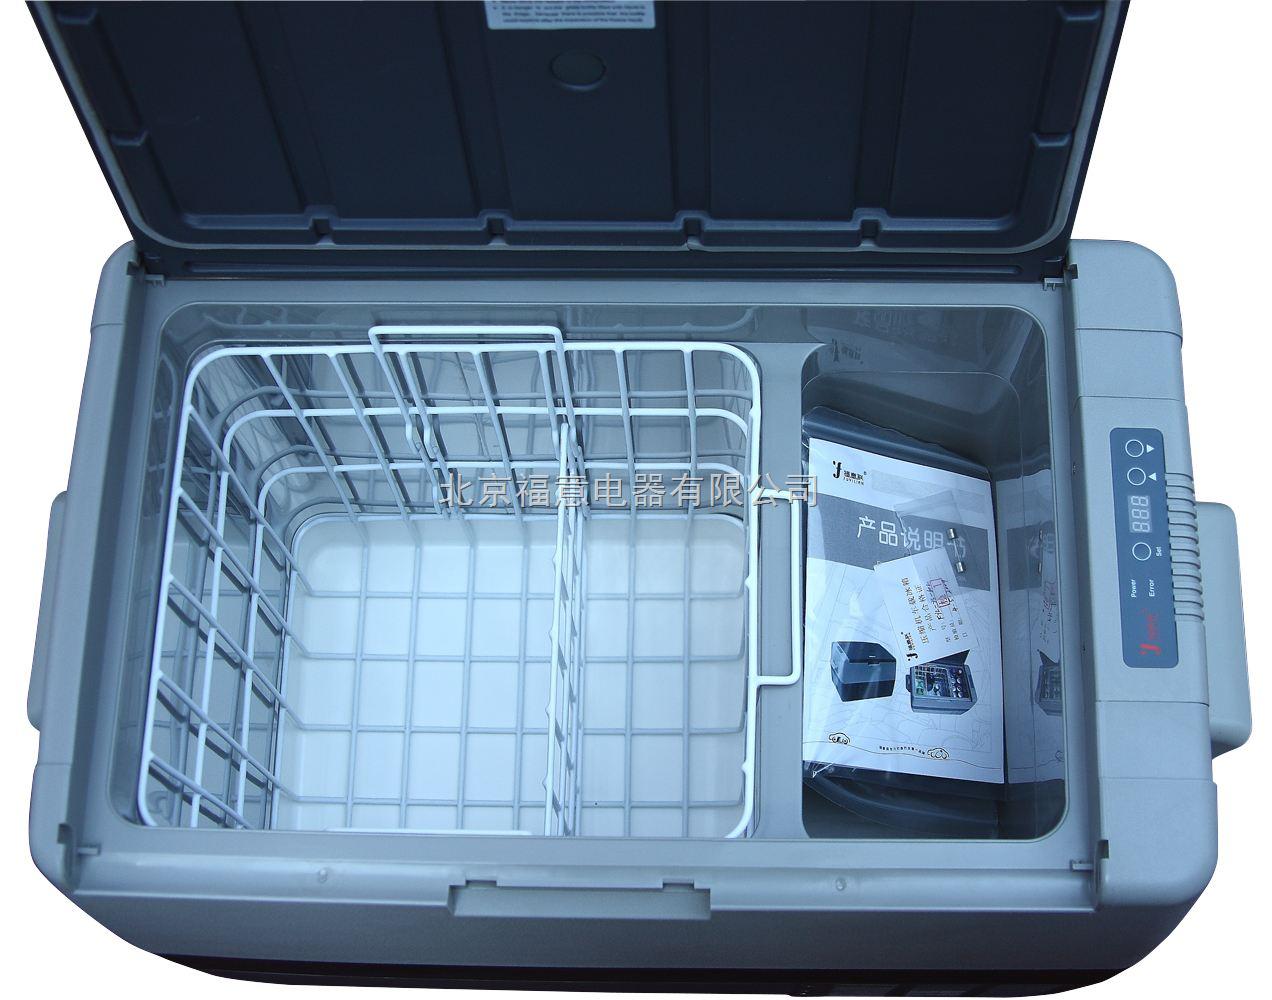 运输生物制剂的车载冰箱